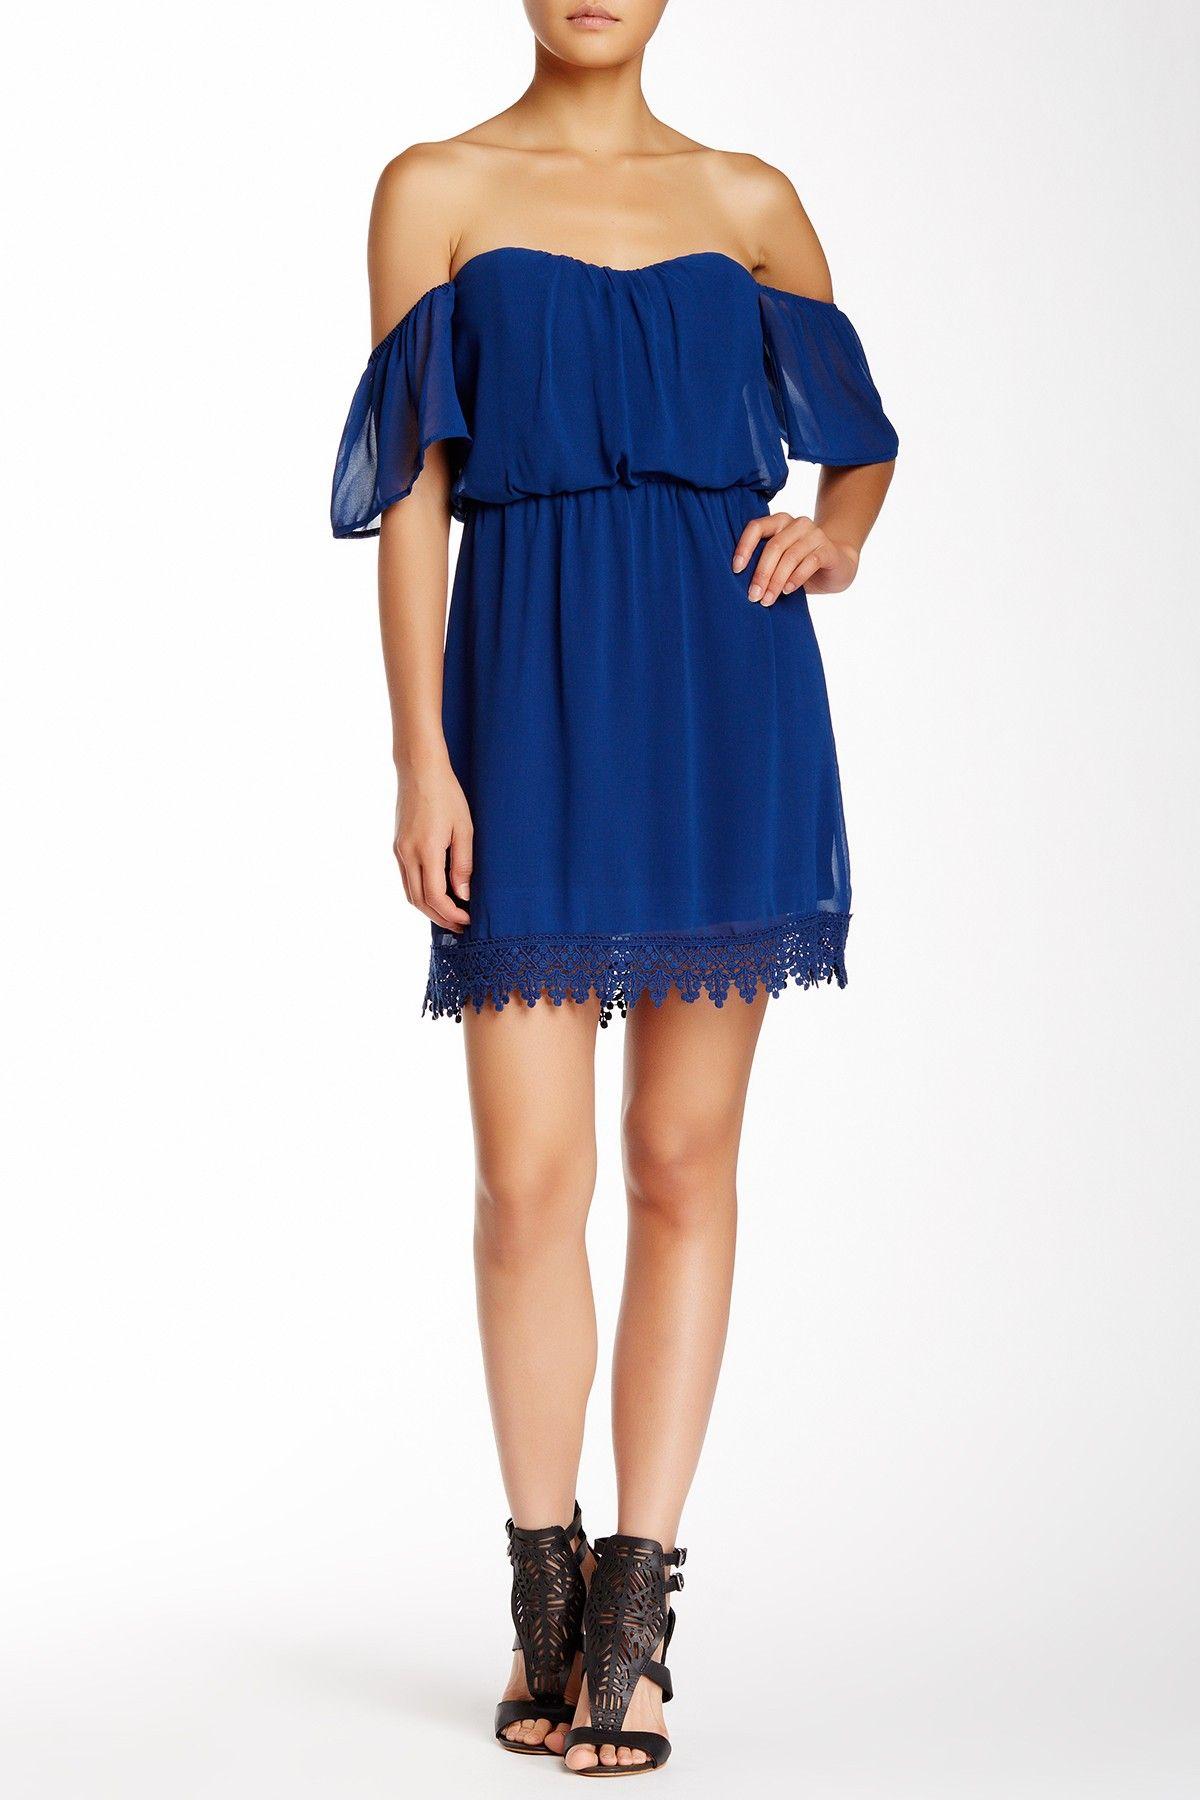 bc99d743813af Solid Off-the-Shoulder Boho Dress (Juniors) by Socialite Juniors on  @nordstrom_rack